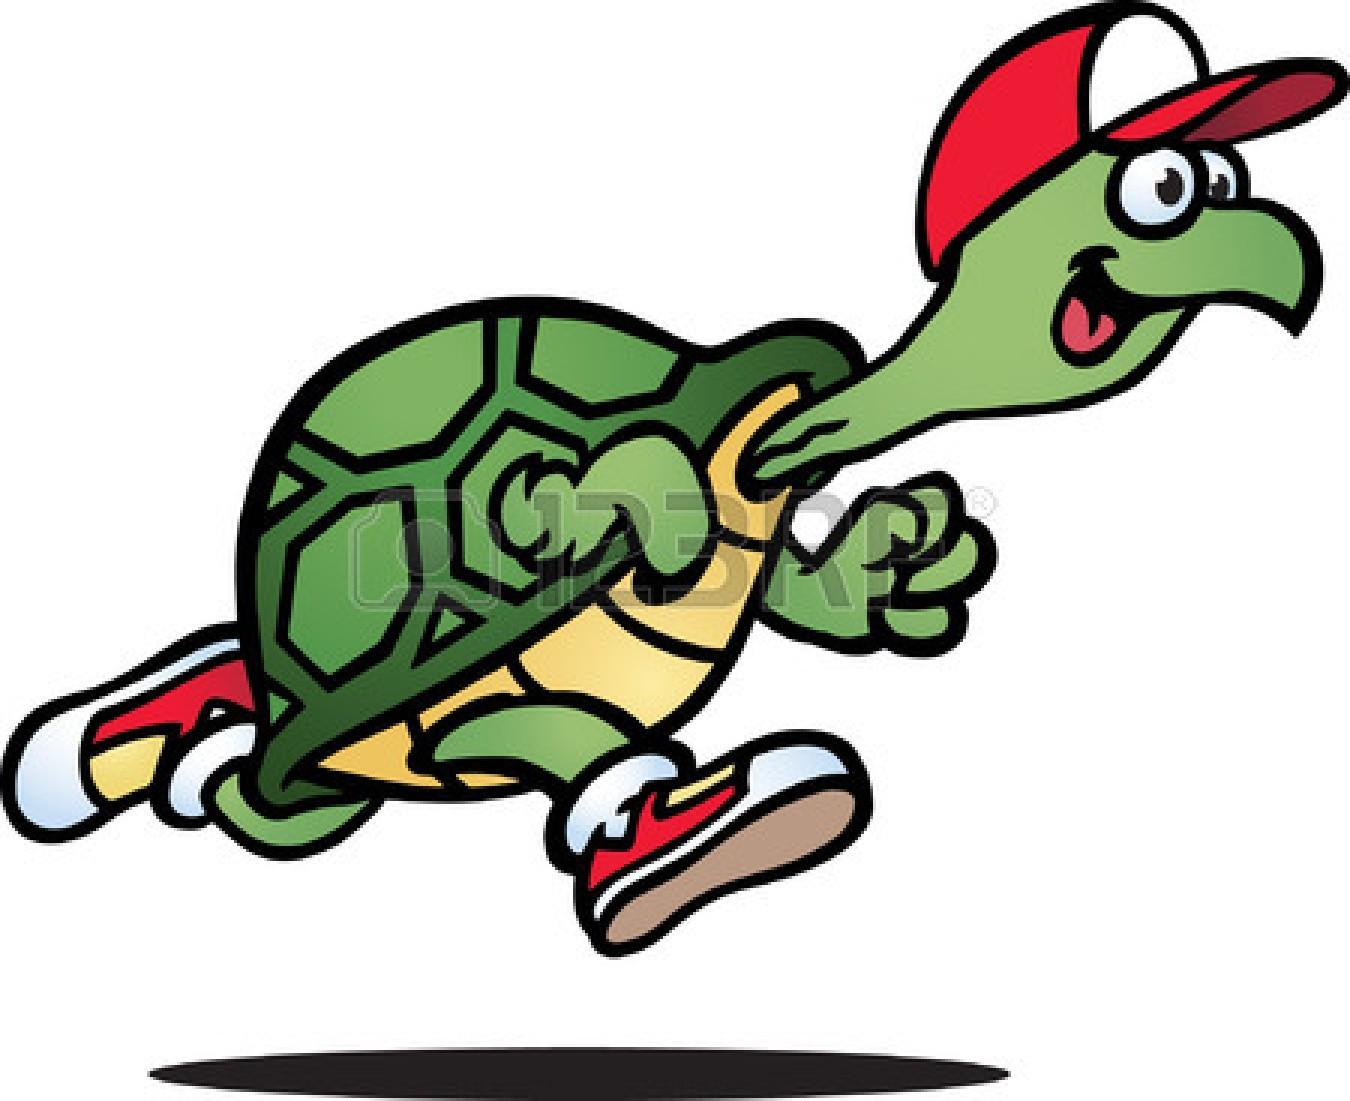 Slow racing turtle.